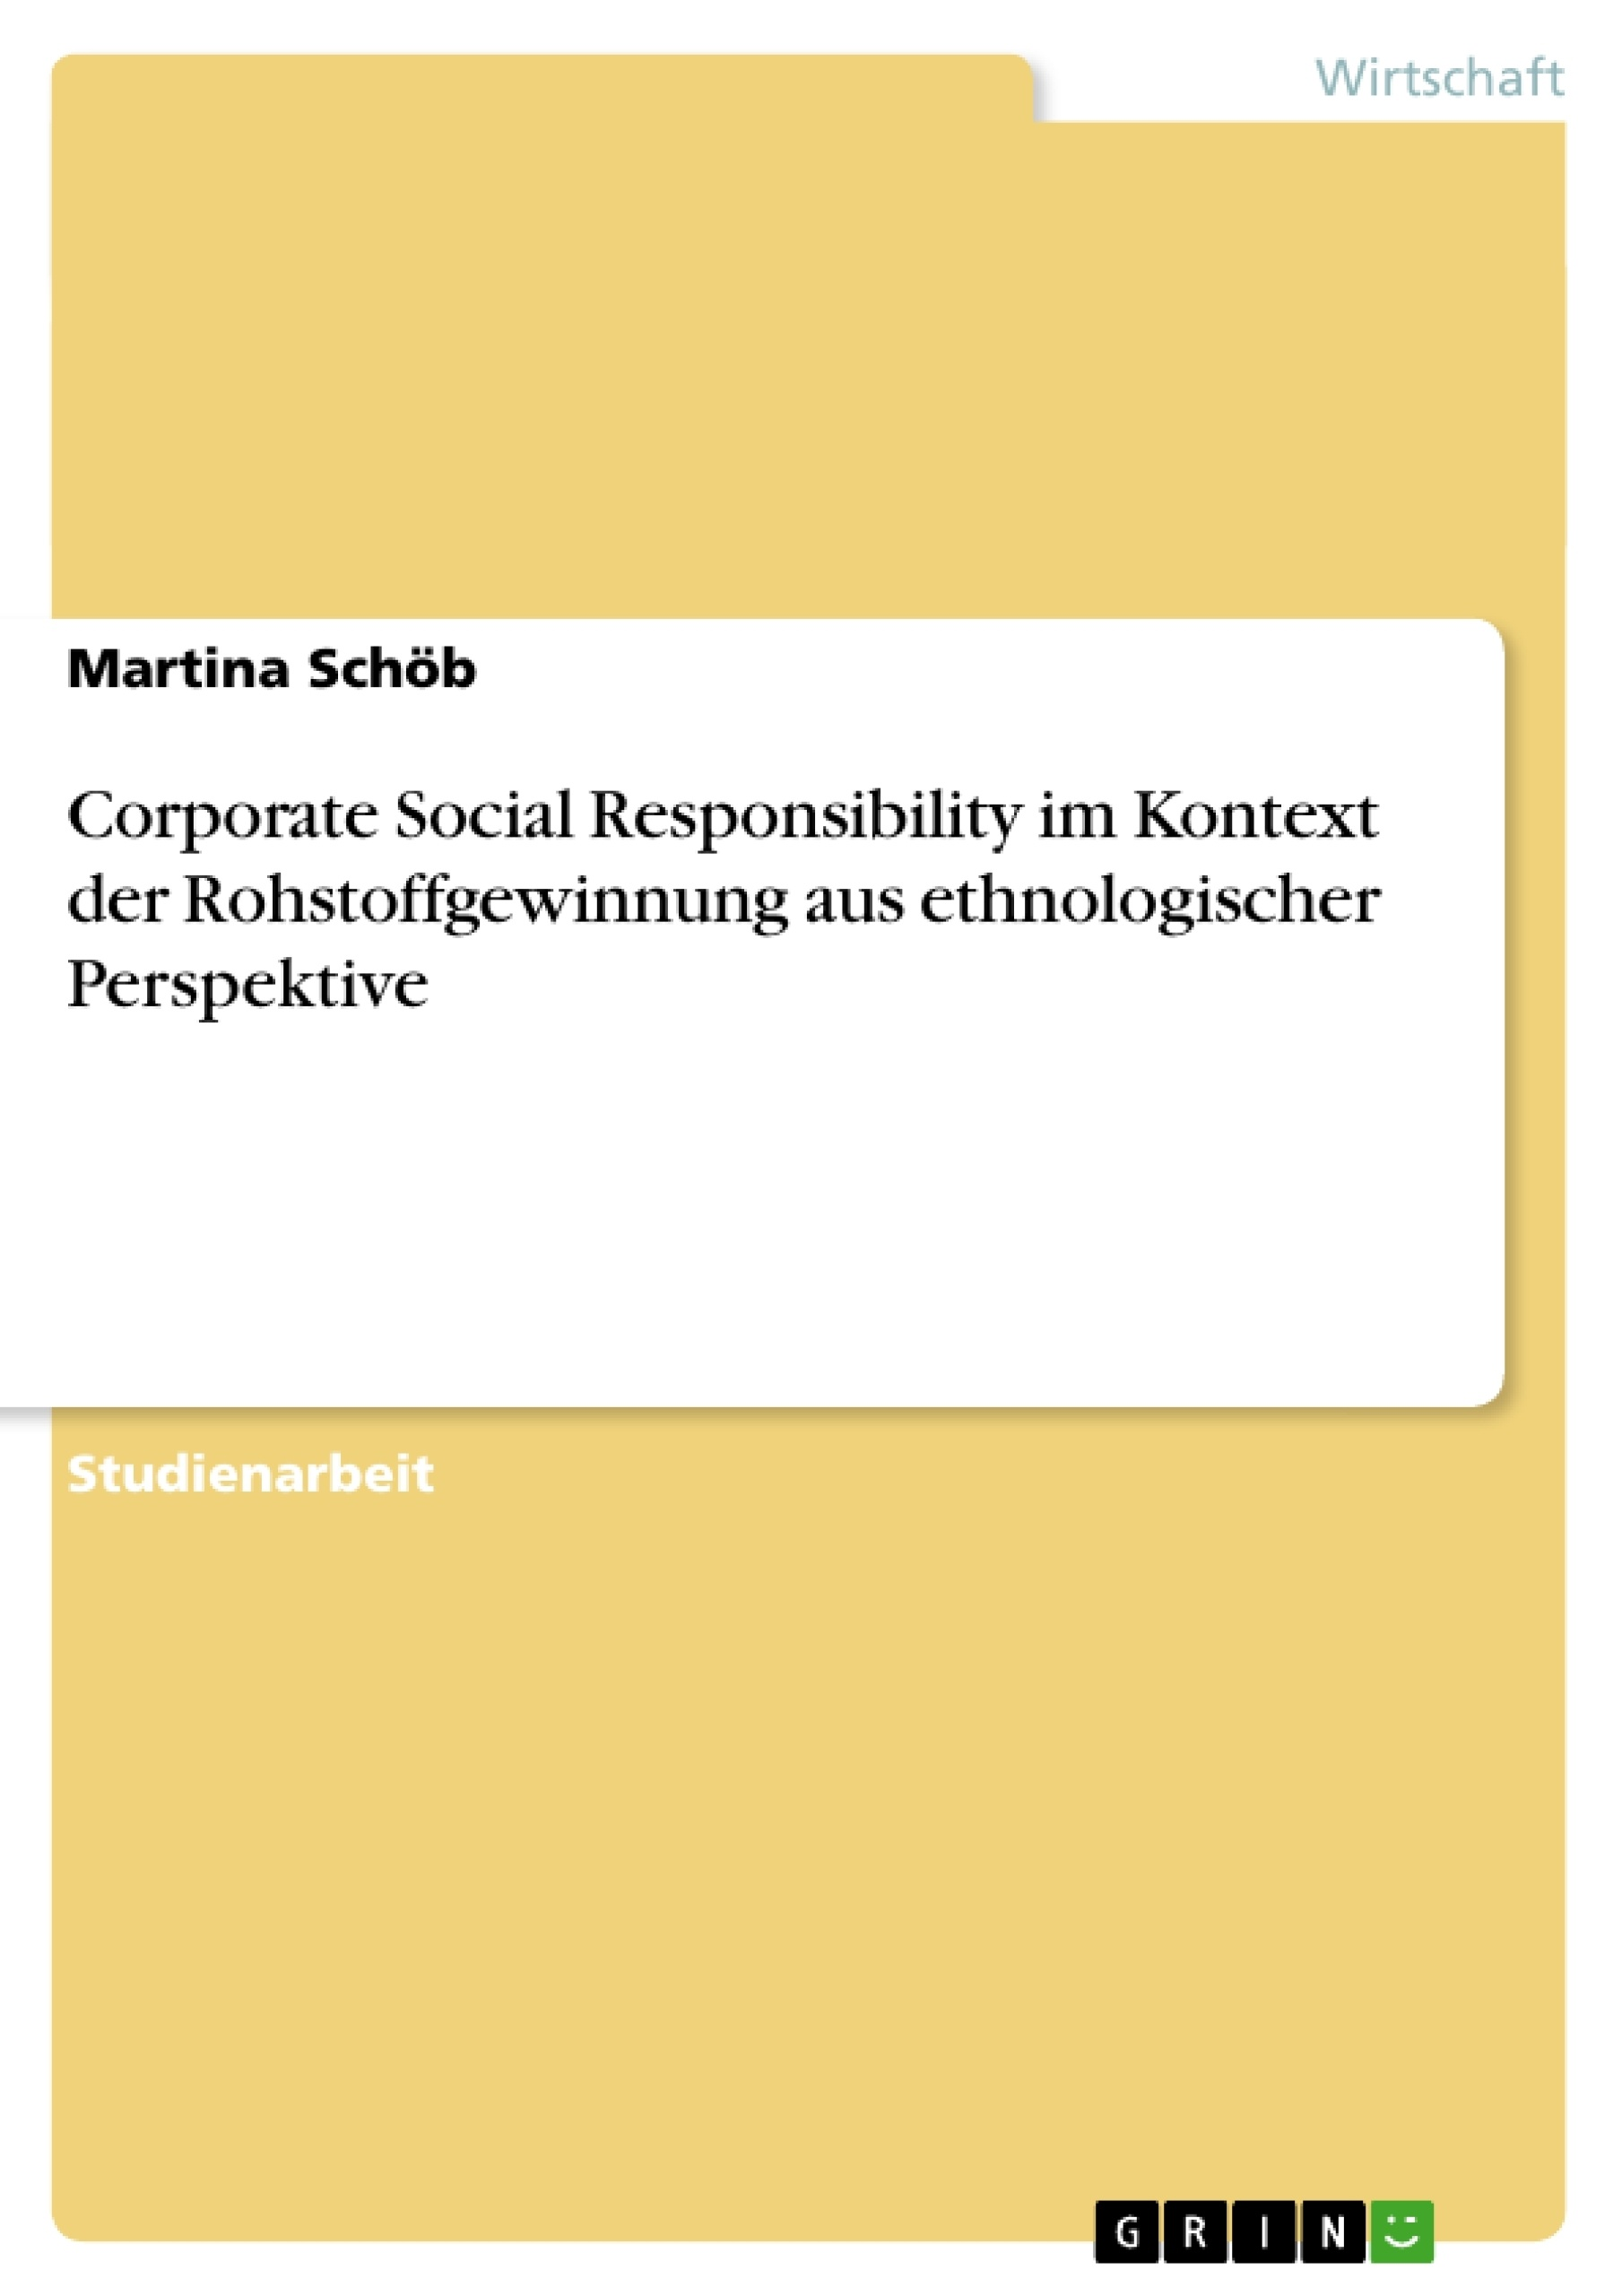 Titel: Corporate Social Responsibility im Kontext der Rohstoffgewinnung aus ethnologischer Perspektive